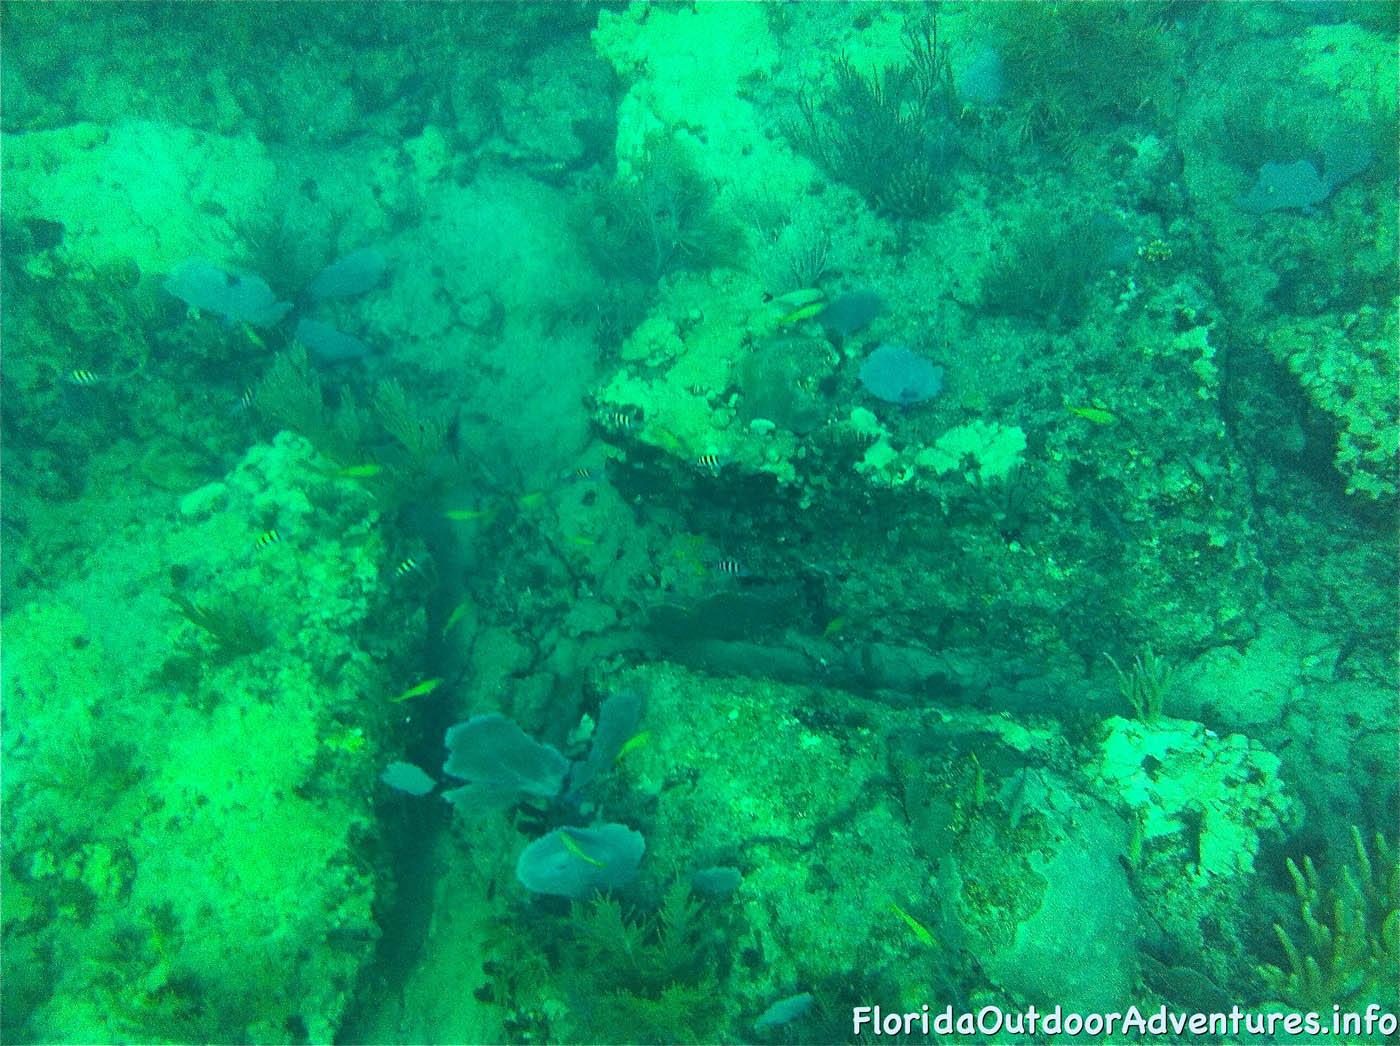 floridaoutdooradventures.info-09.jpg